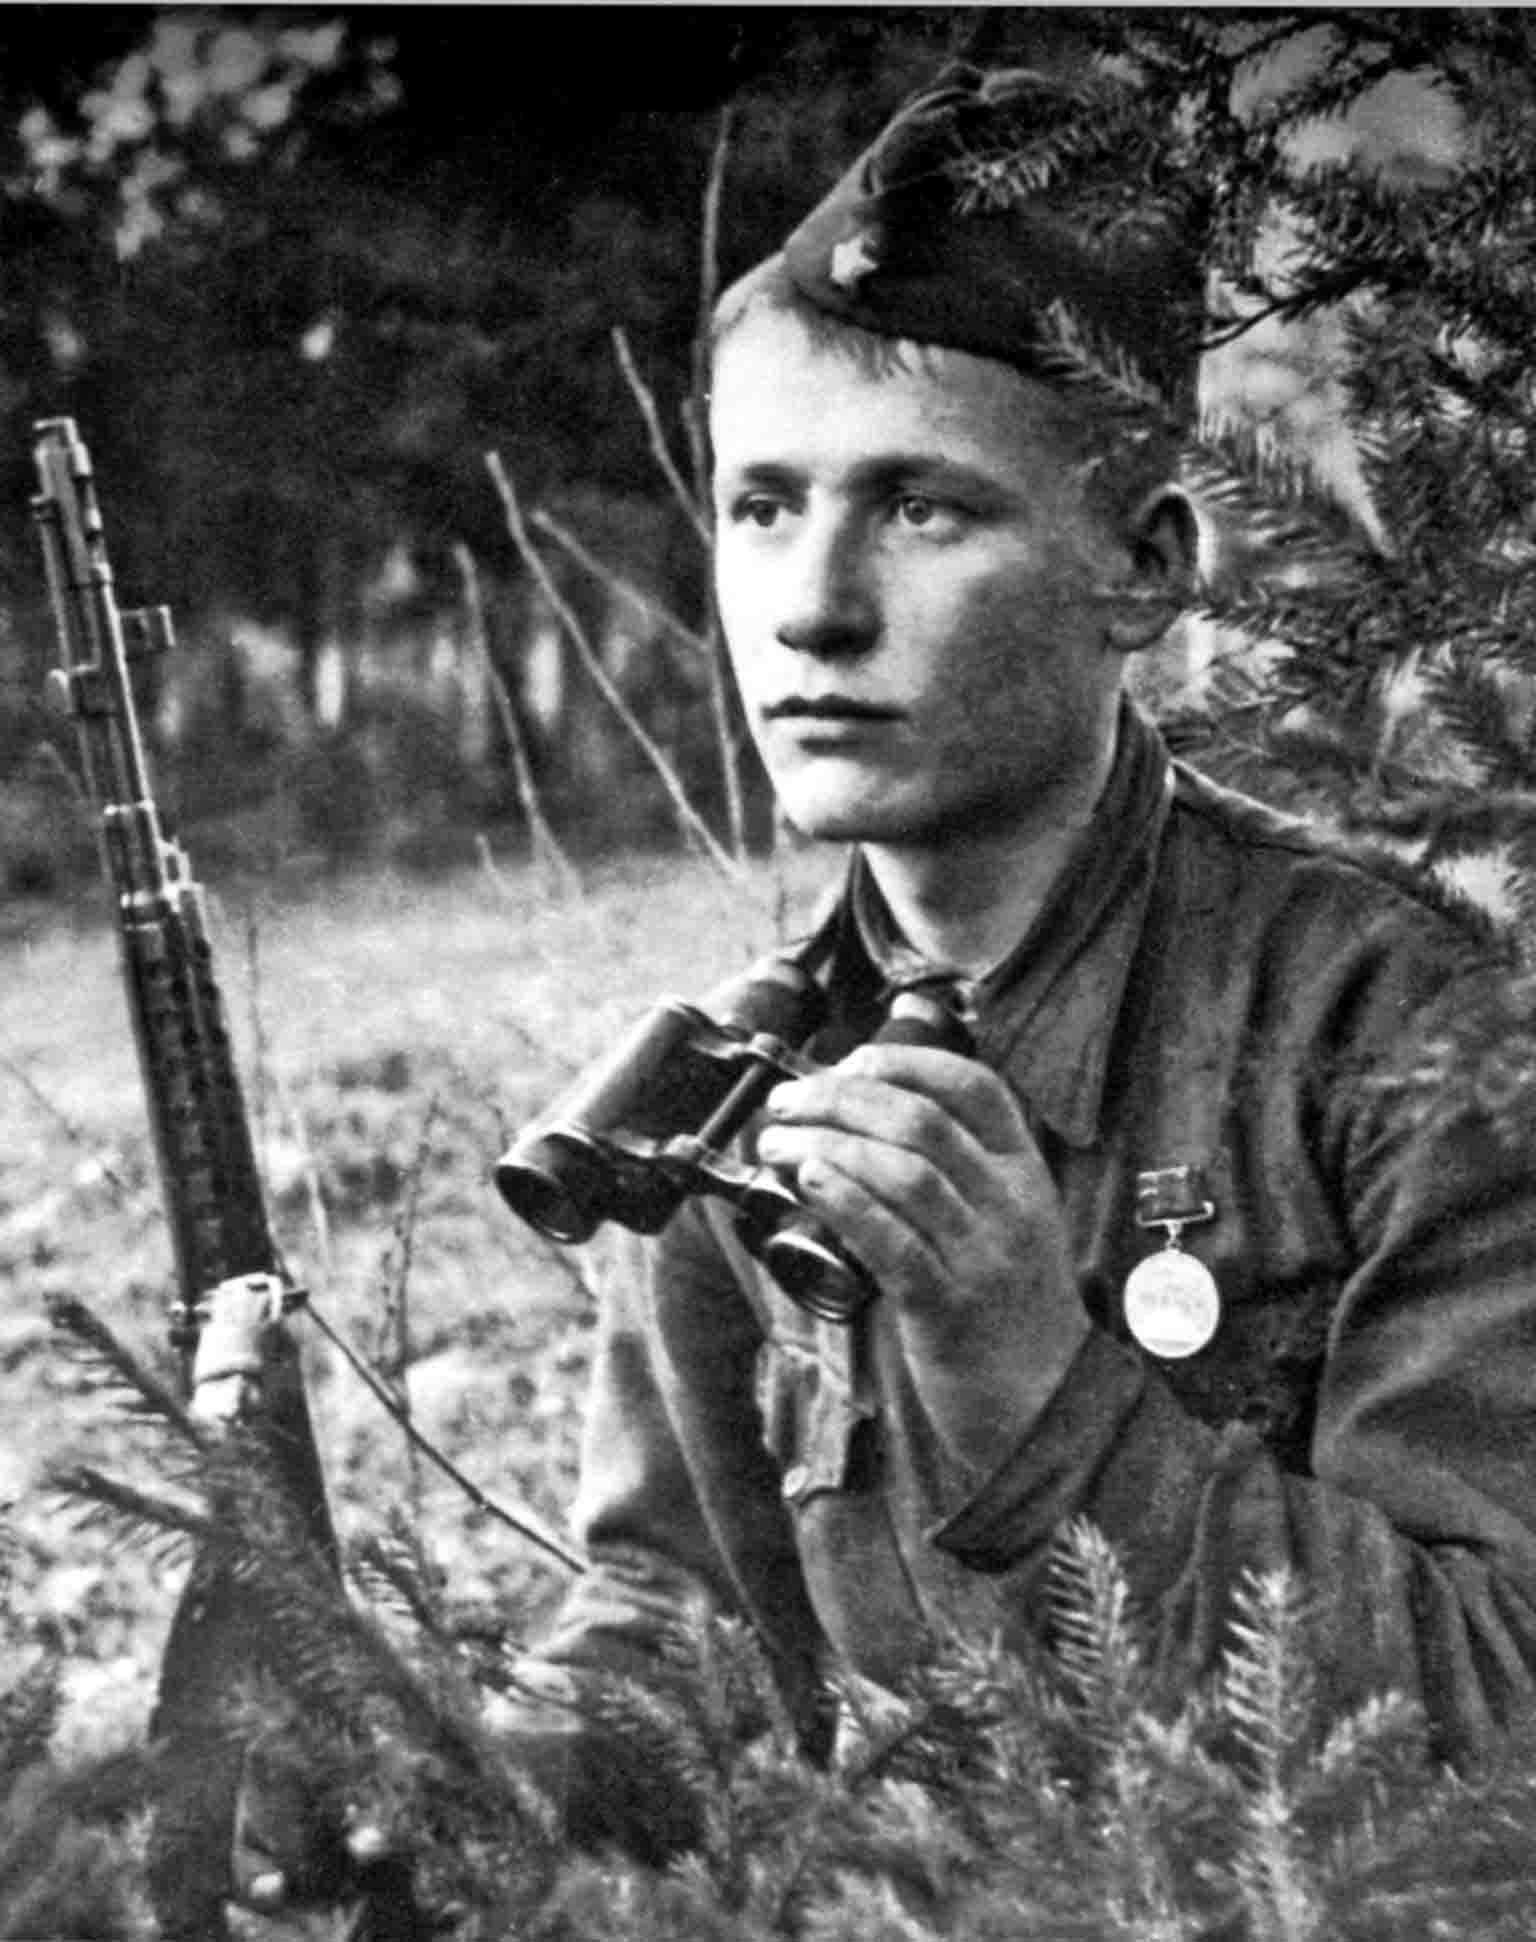 Soviet soldier Alyosha